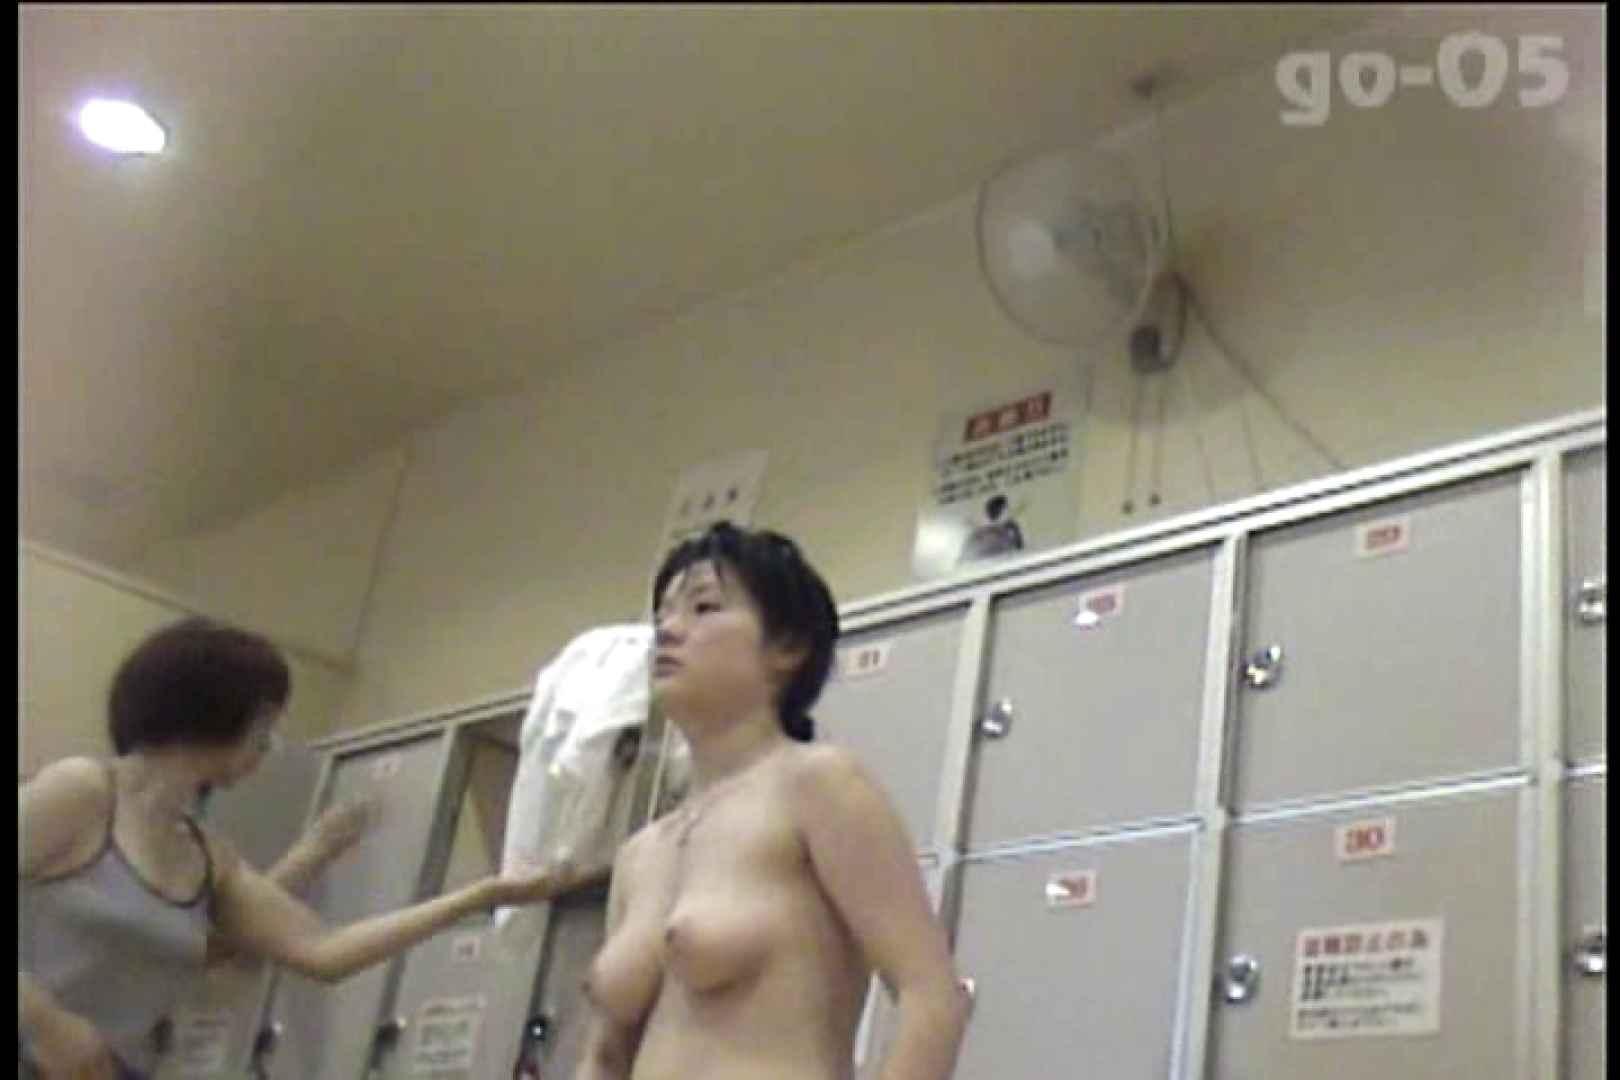 電波カメラ設置浴場からの防HAN映像 Vol.05 高評価  83PIX 16